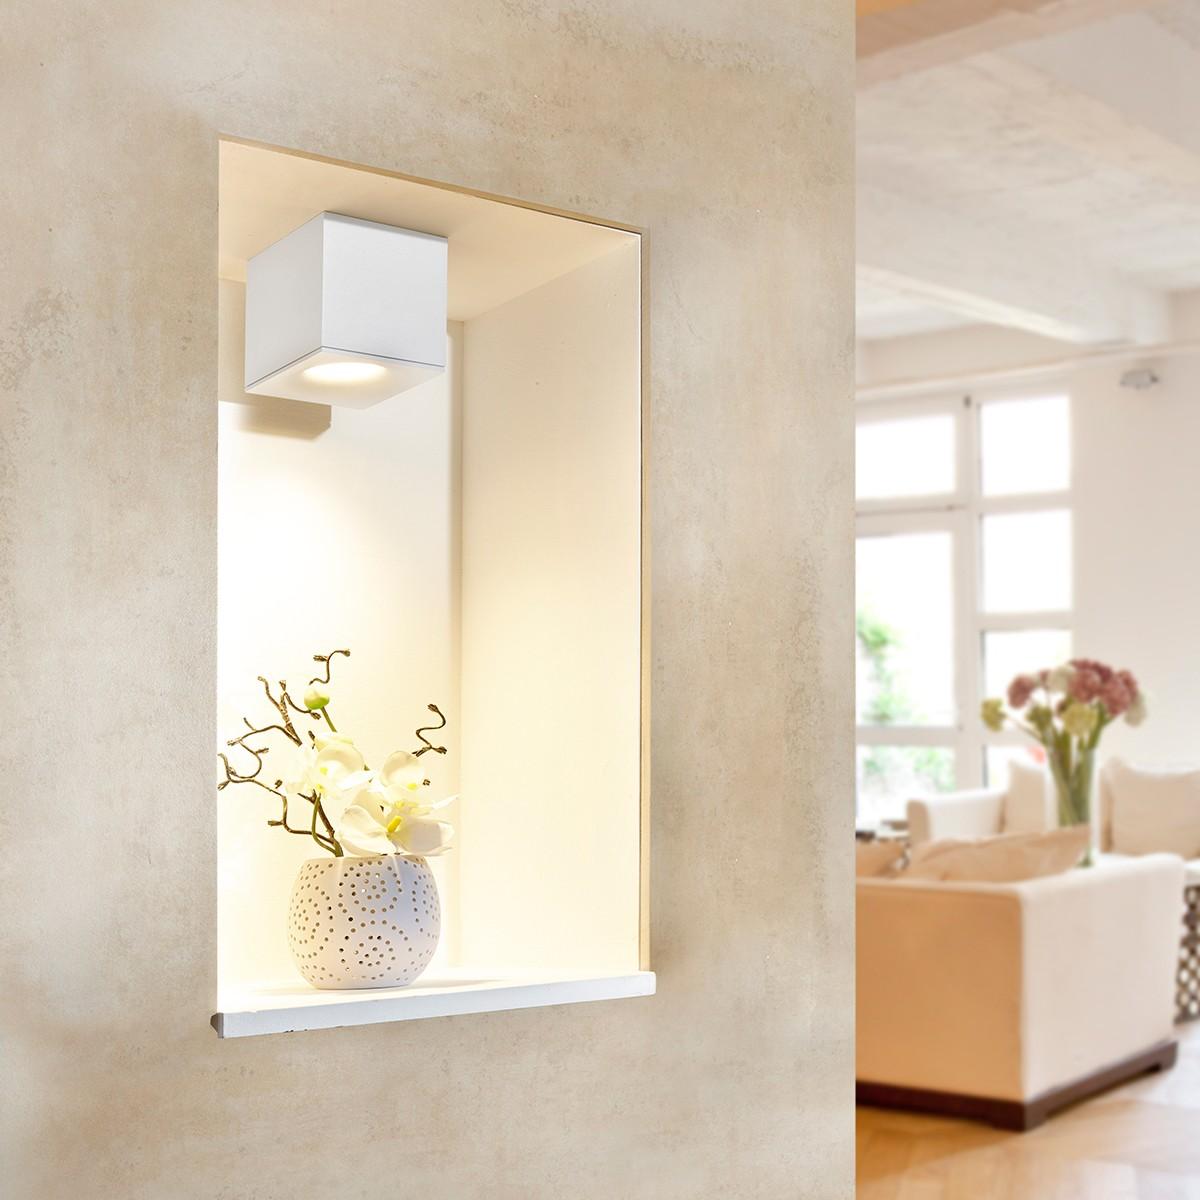 MyLight Brick LED Deckenstrahler, weiß